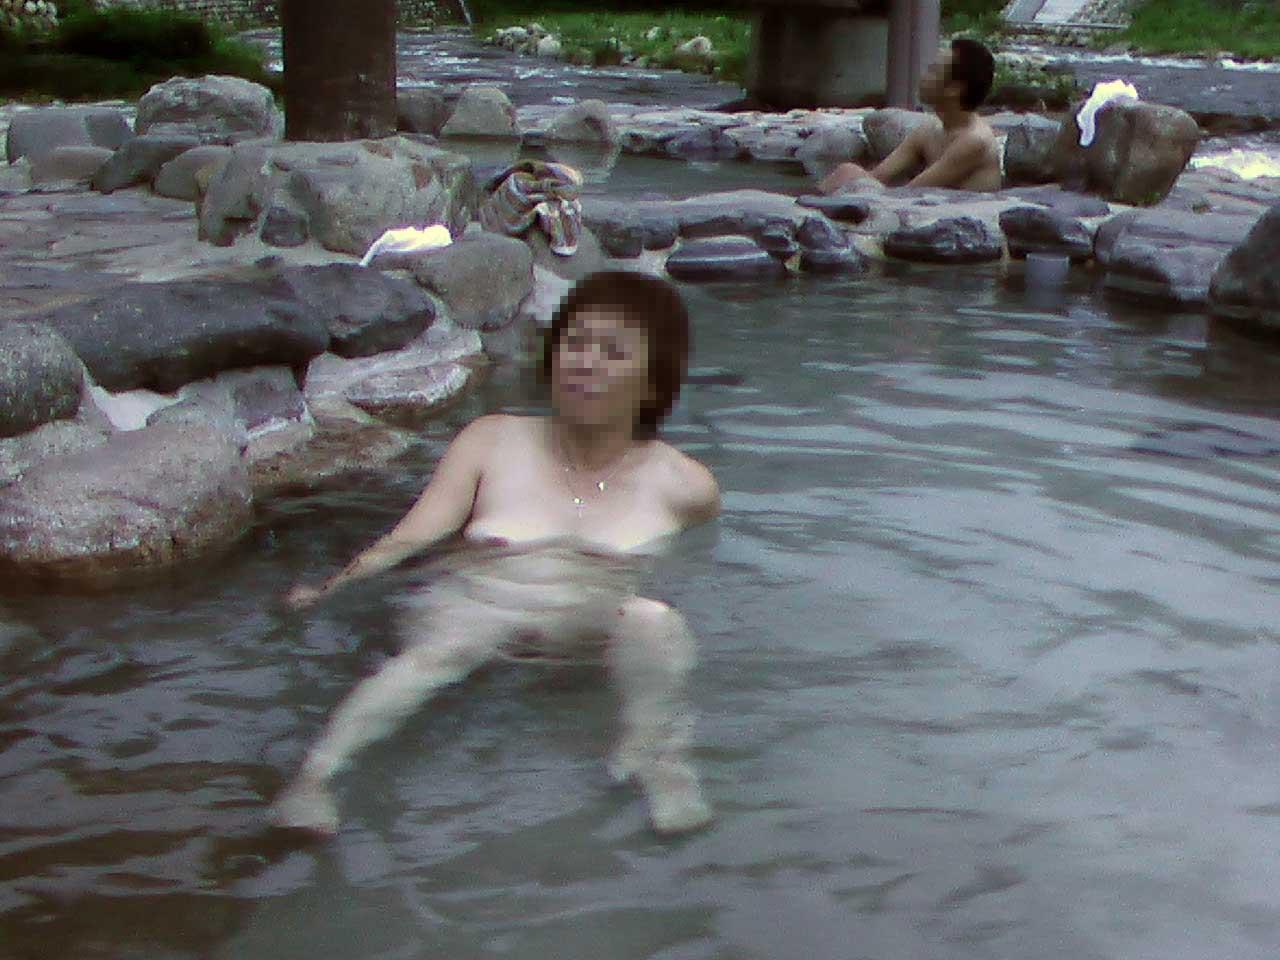 学生の頃付き合ってた人妻と不倫旅行で温泉行った時の素人エロ画像晒すwwww 2812